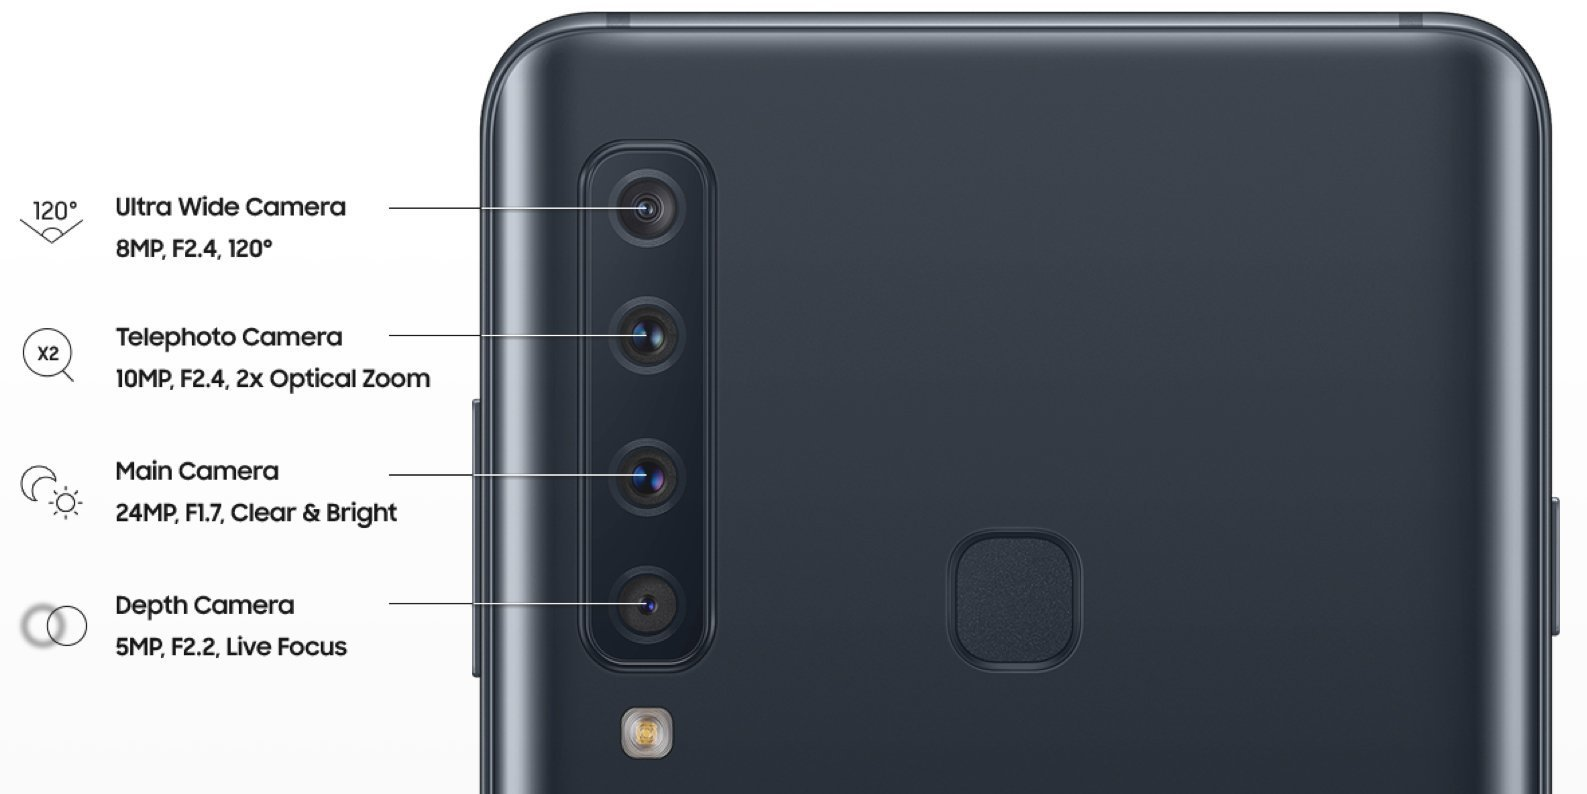 Samsung Galaxy A9 (2018) : le smartphone à 4 capteurs photo dévoile sa fiche technique